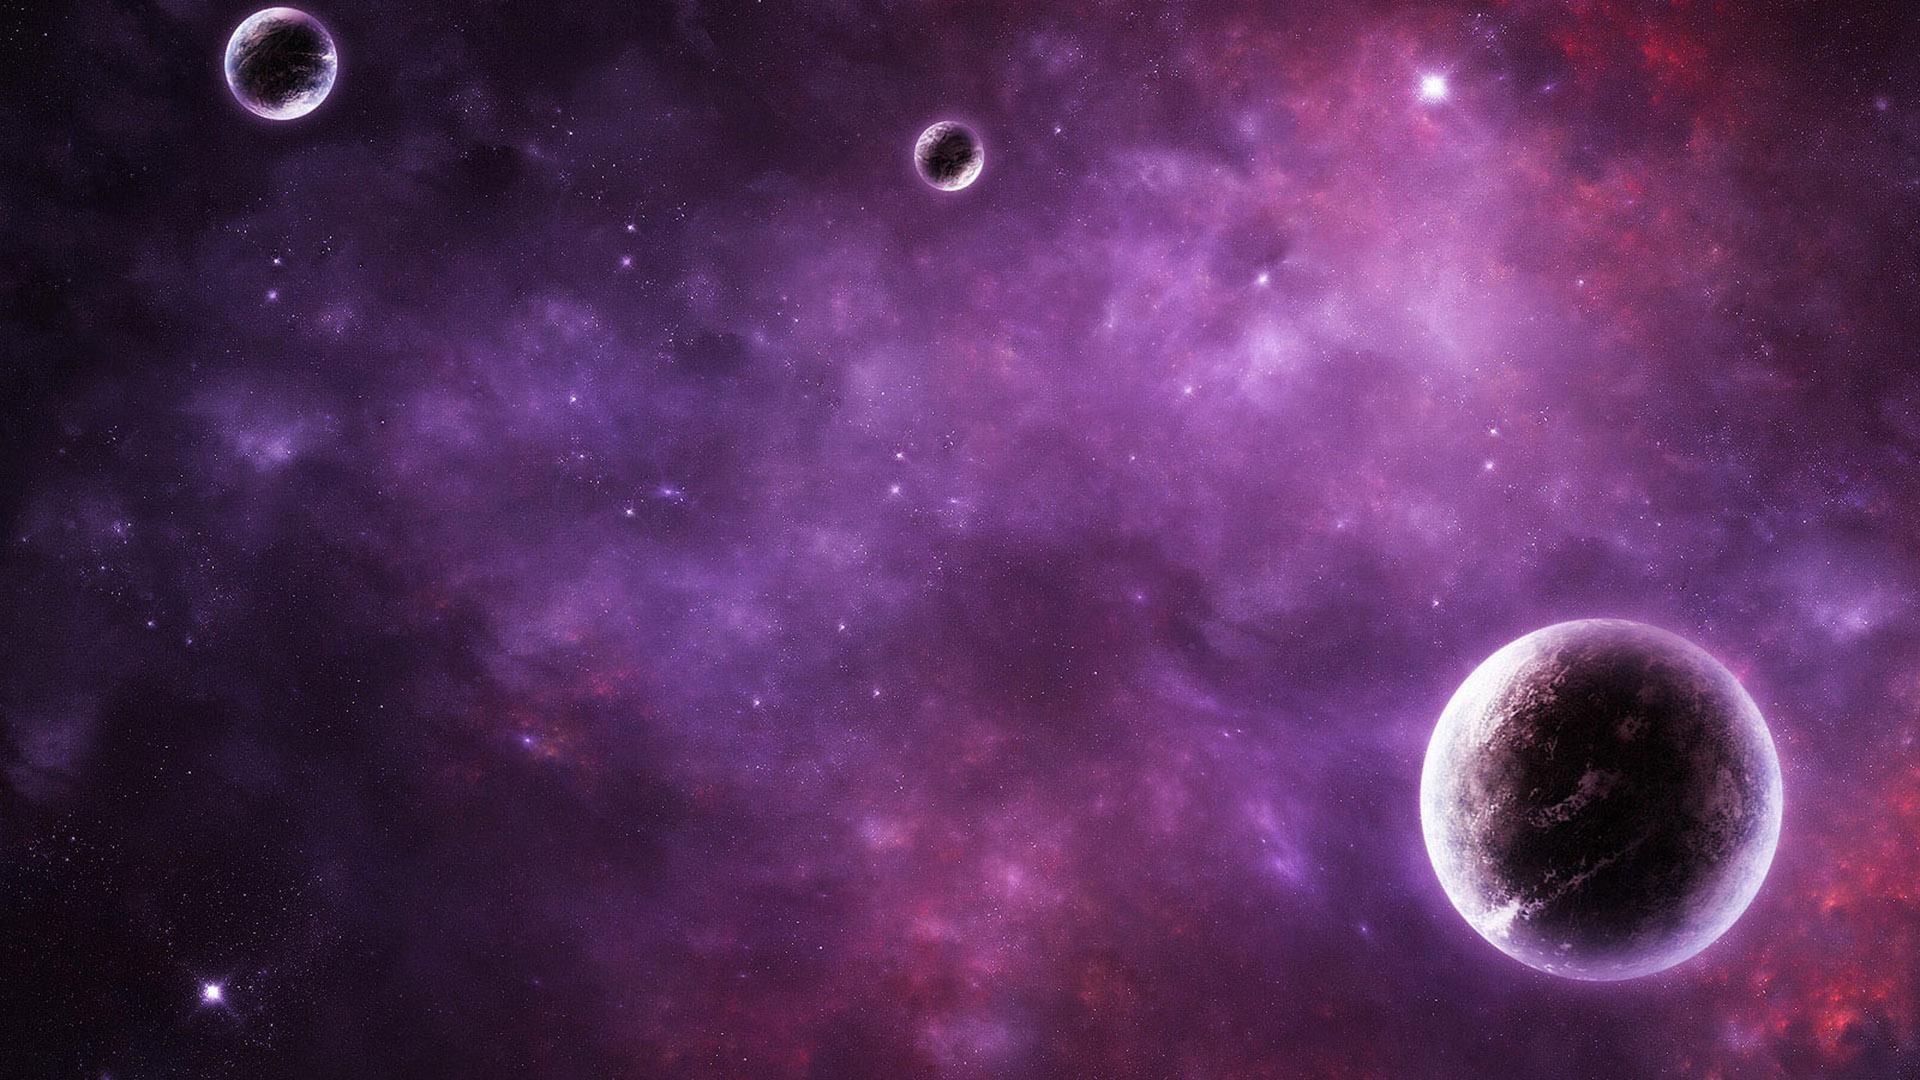 Обои туман космос звезды картинки на рабочий стол на тему Космос — скачать без регистрации